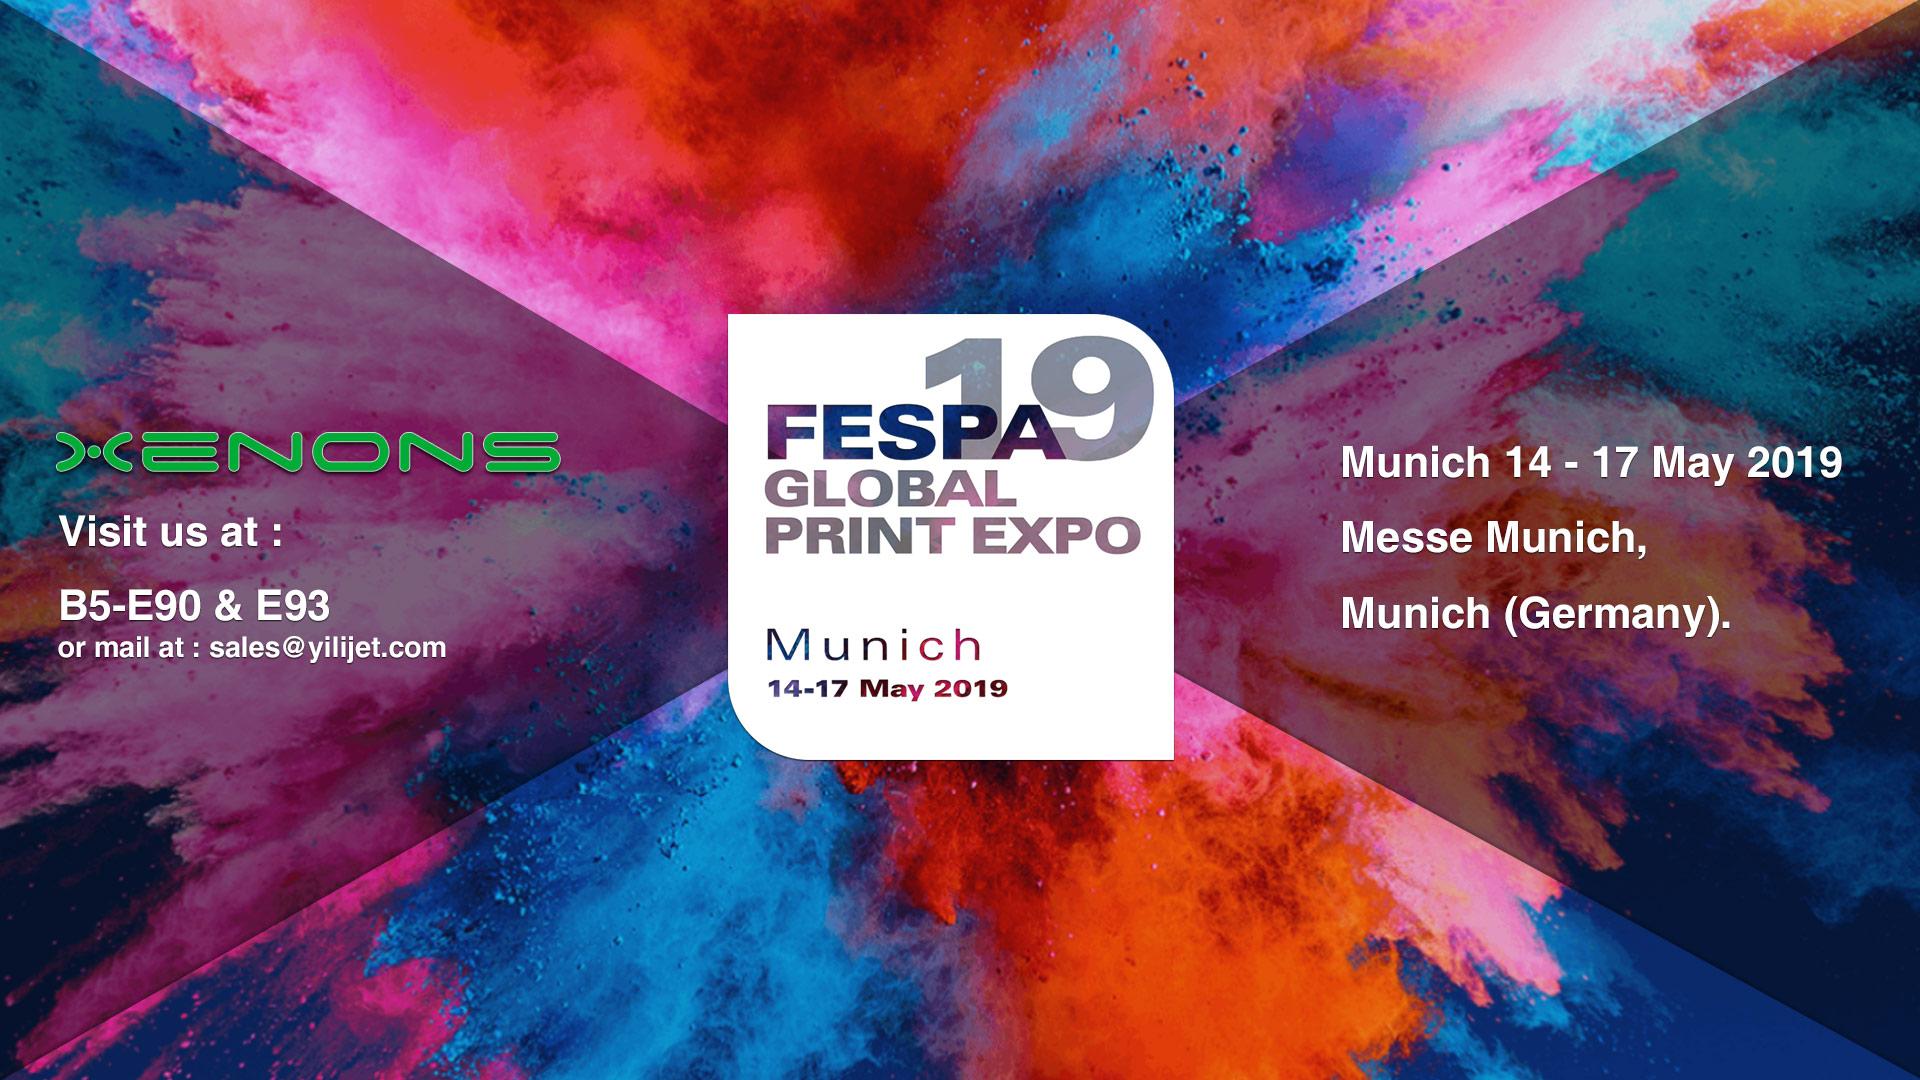 锐诺斯全球广印展FESPA